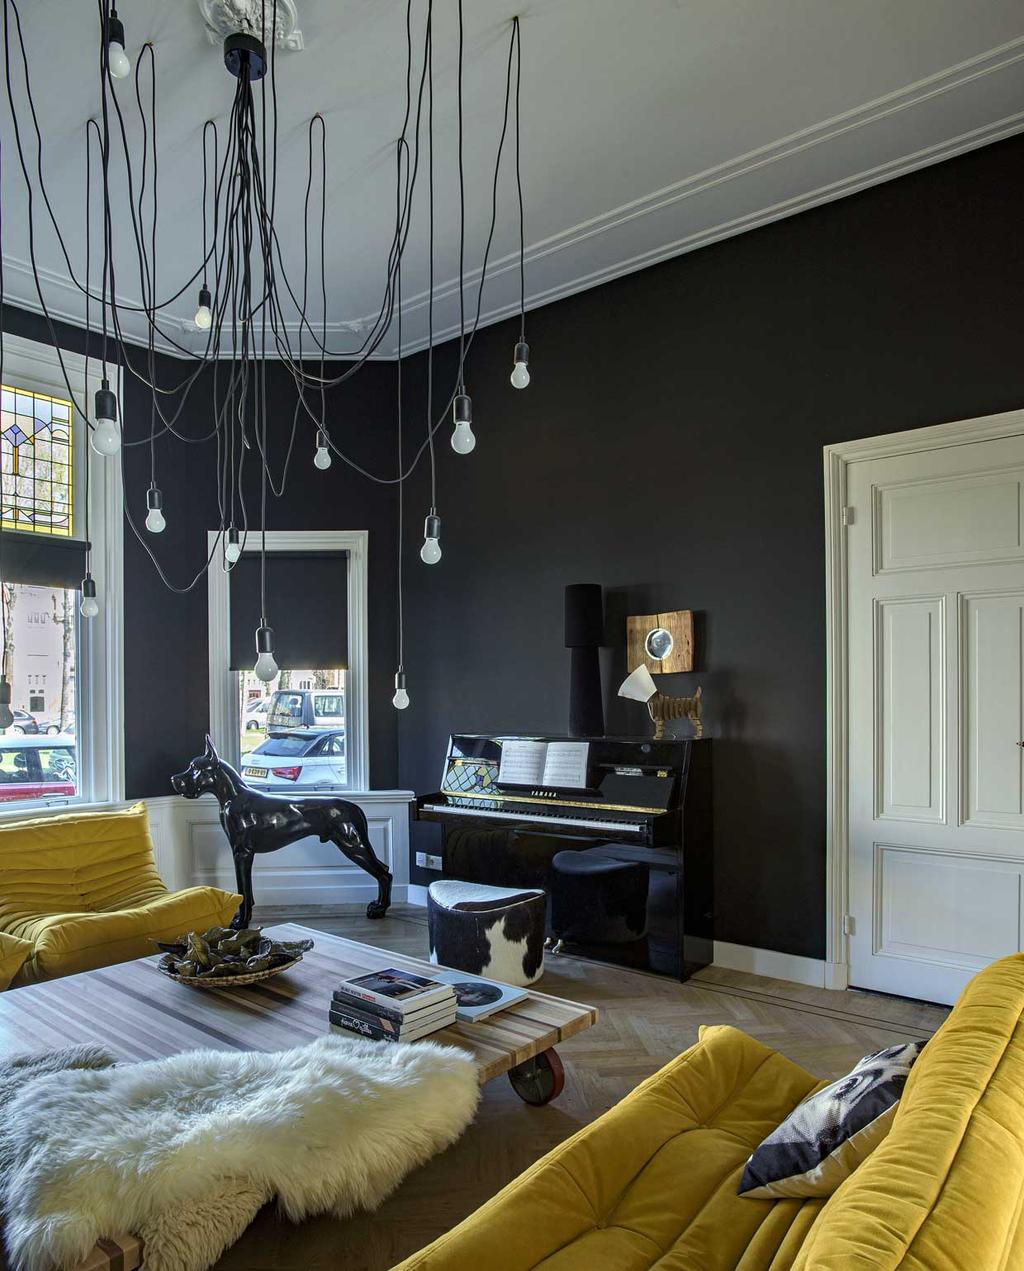 vtwonen 12-2020 bk special | binnenkijken in een 19e eeuws herenhuis | zithoek met gele bank